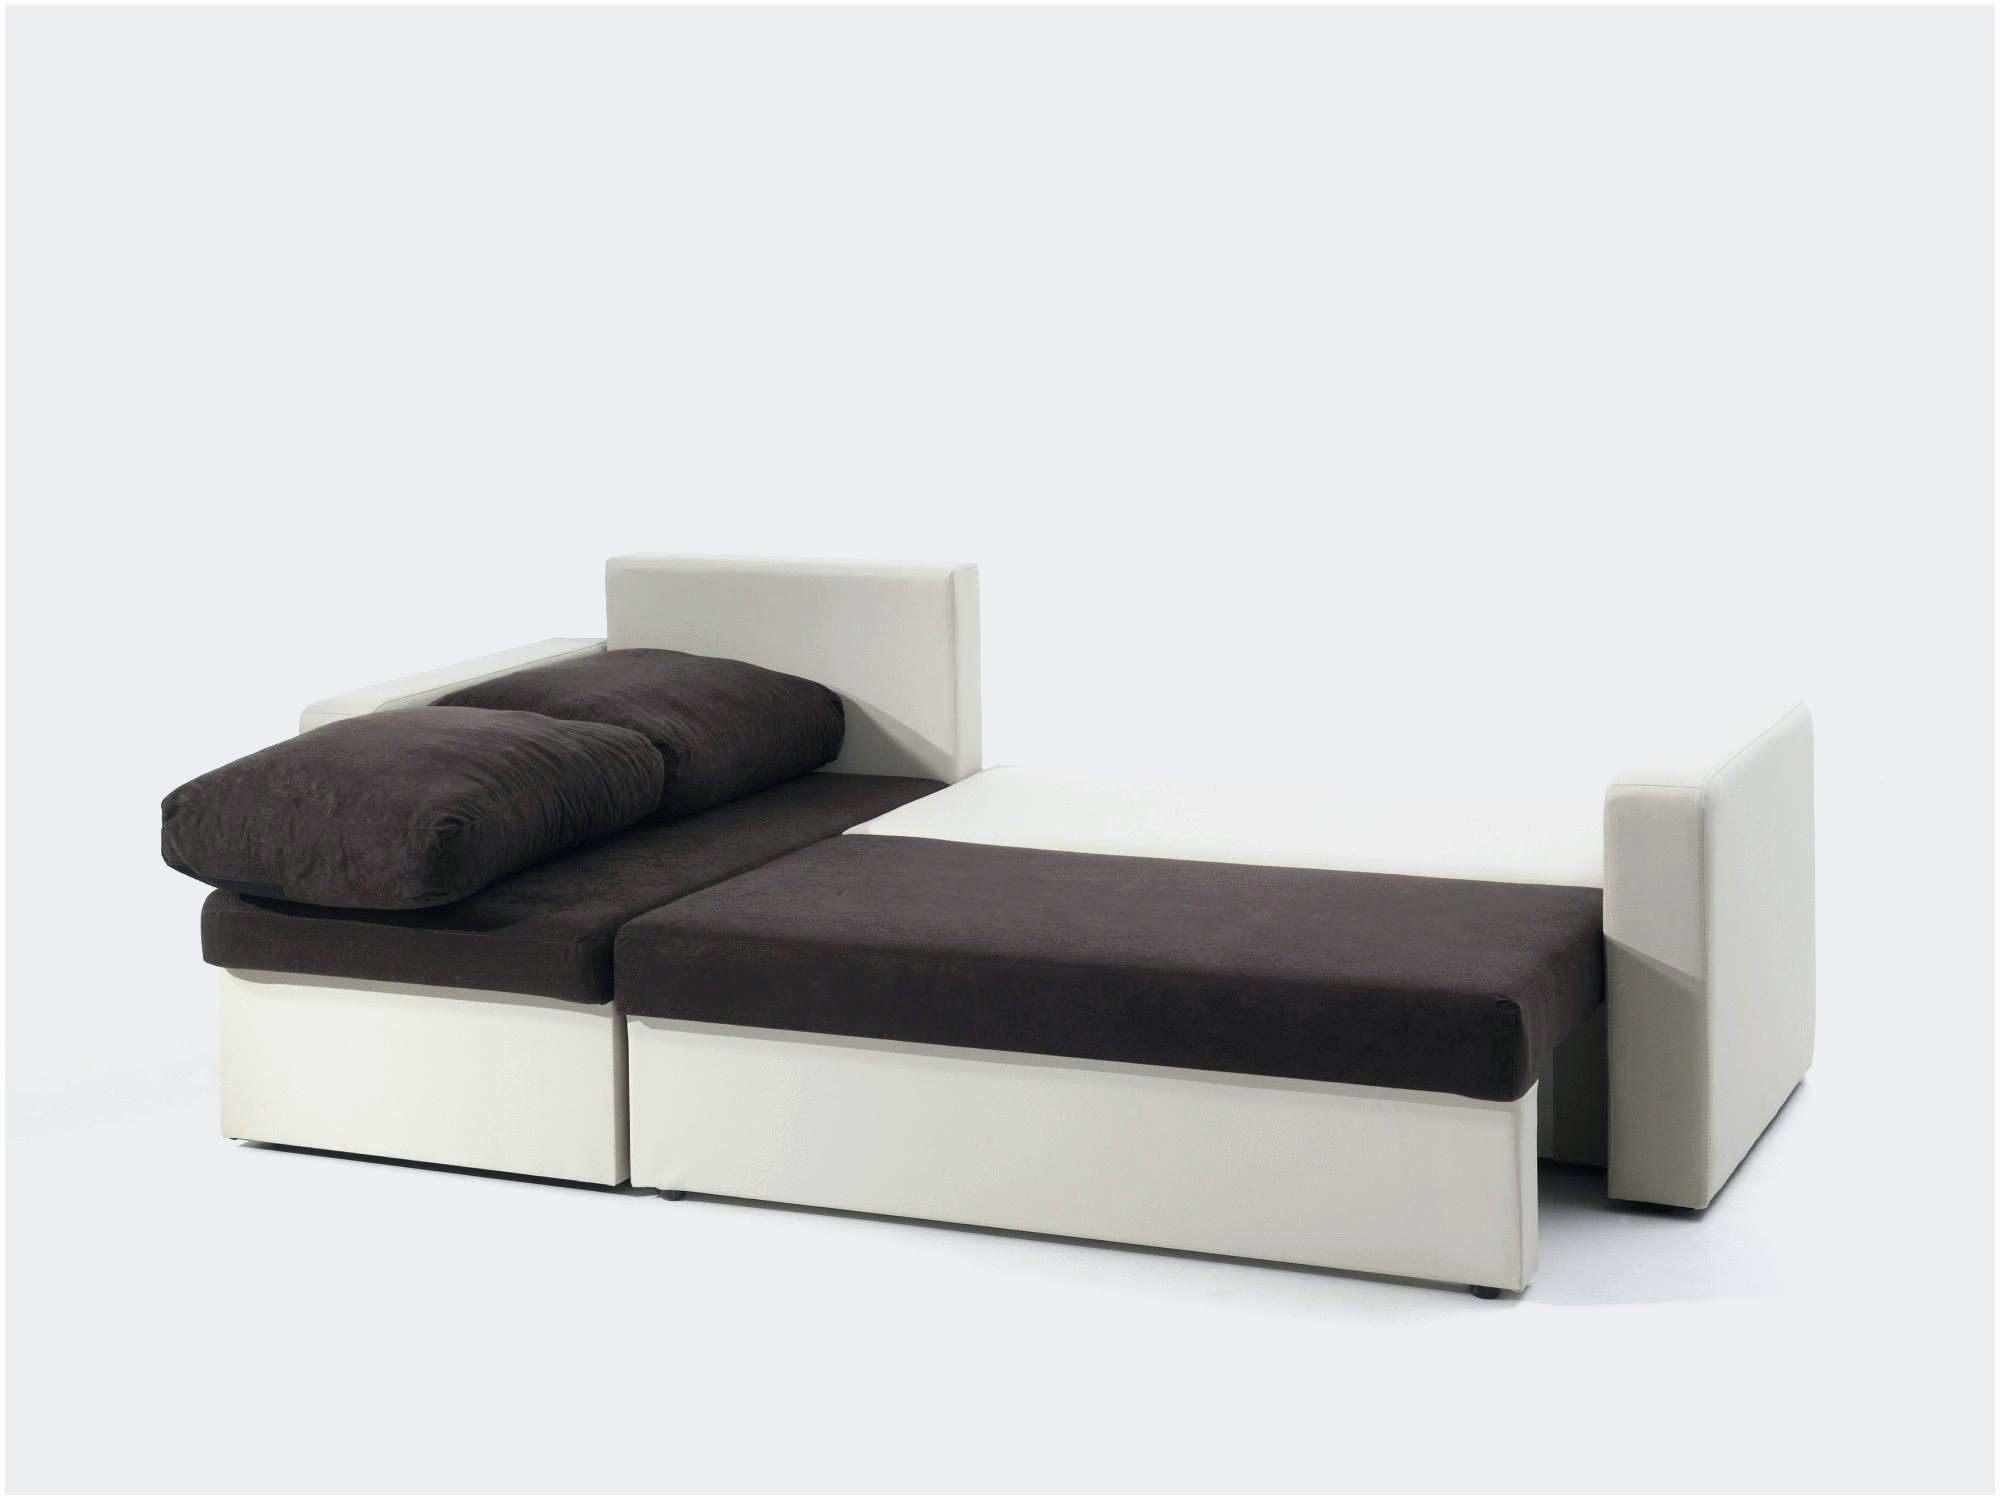 Lit Superposé 140×200 Nouveau Frais Lit Mezzanine Ikea 2 Places Pour Alternative Lit Superposé